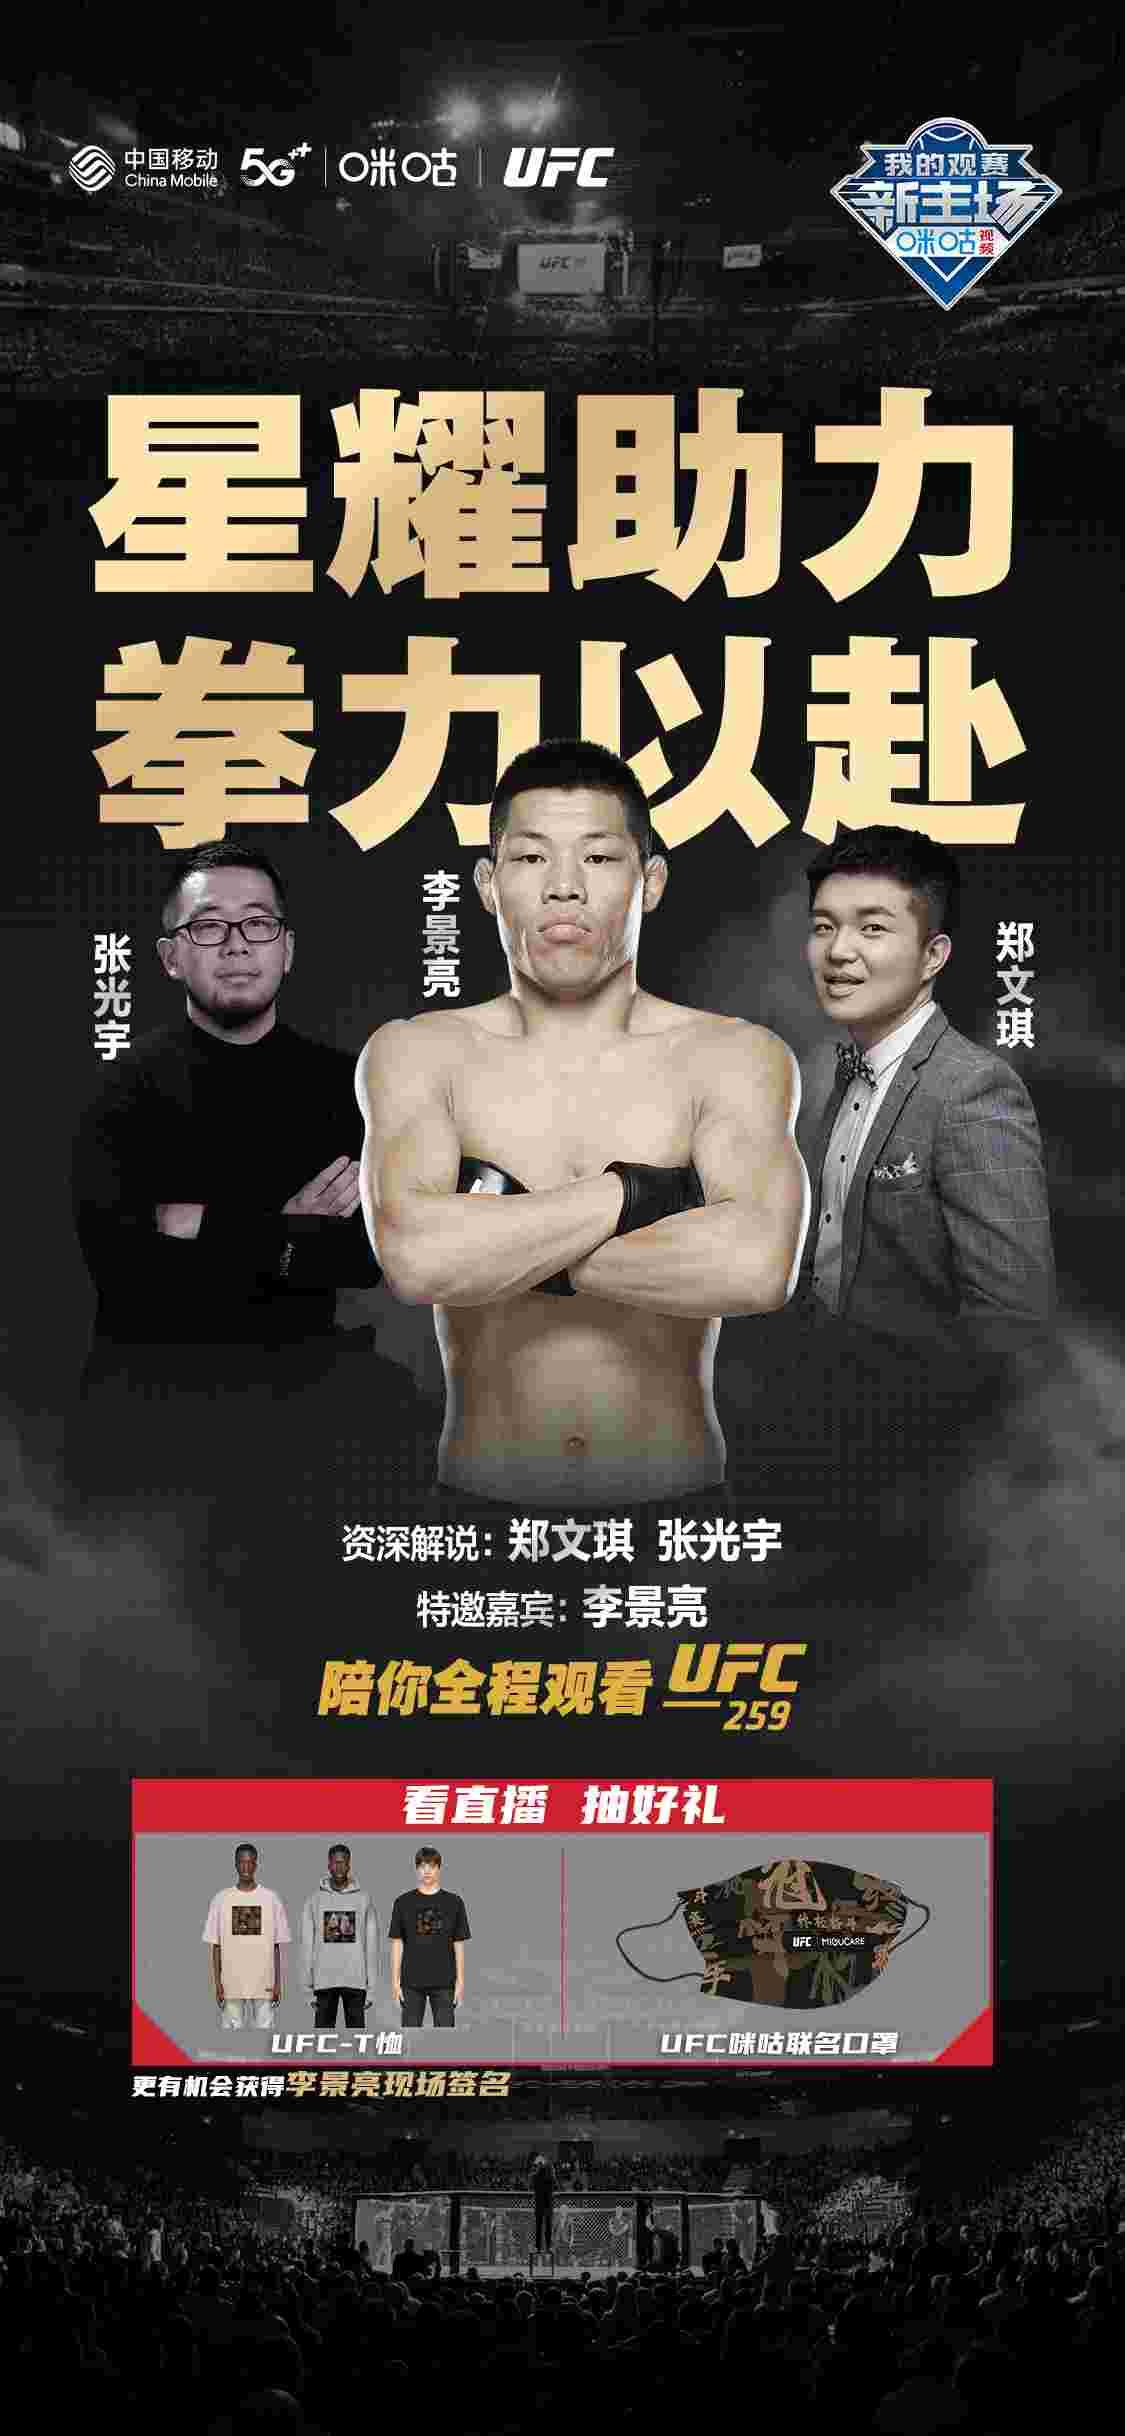 李景亮加盟UFC259解说天团 上咪咕视频为中国力量助威!